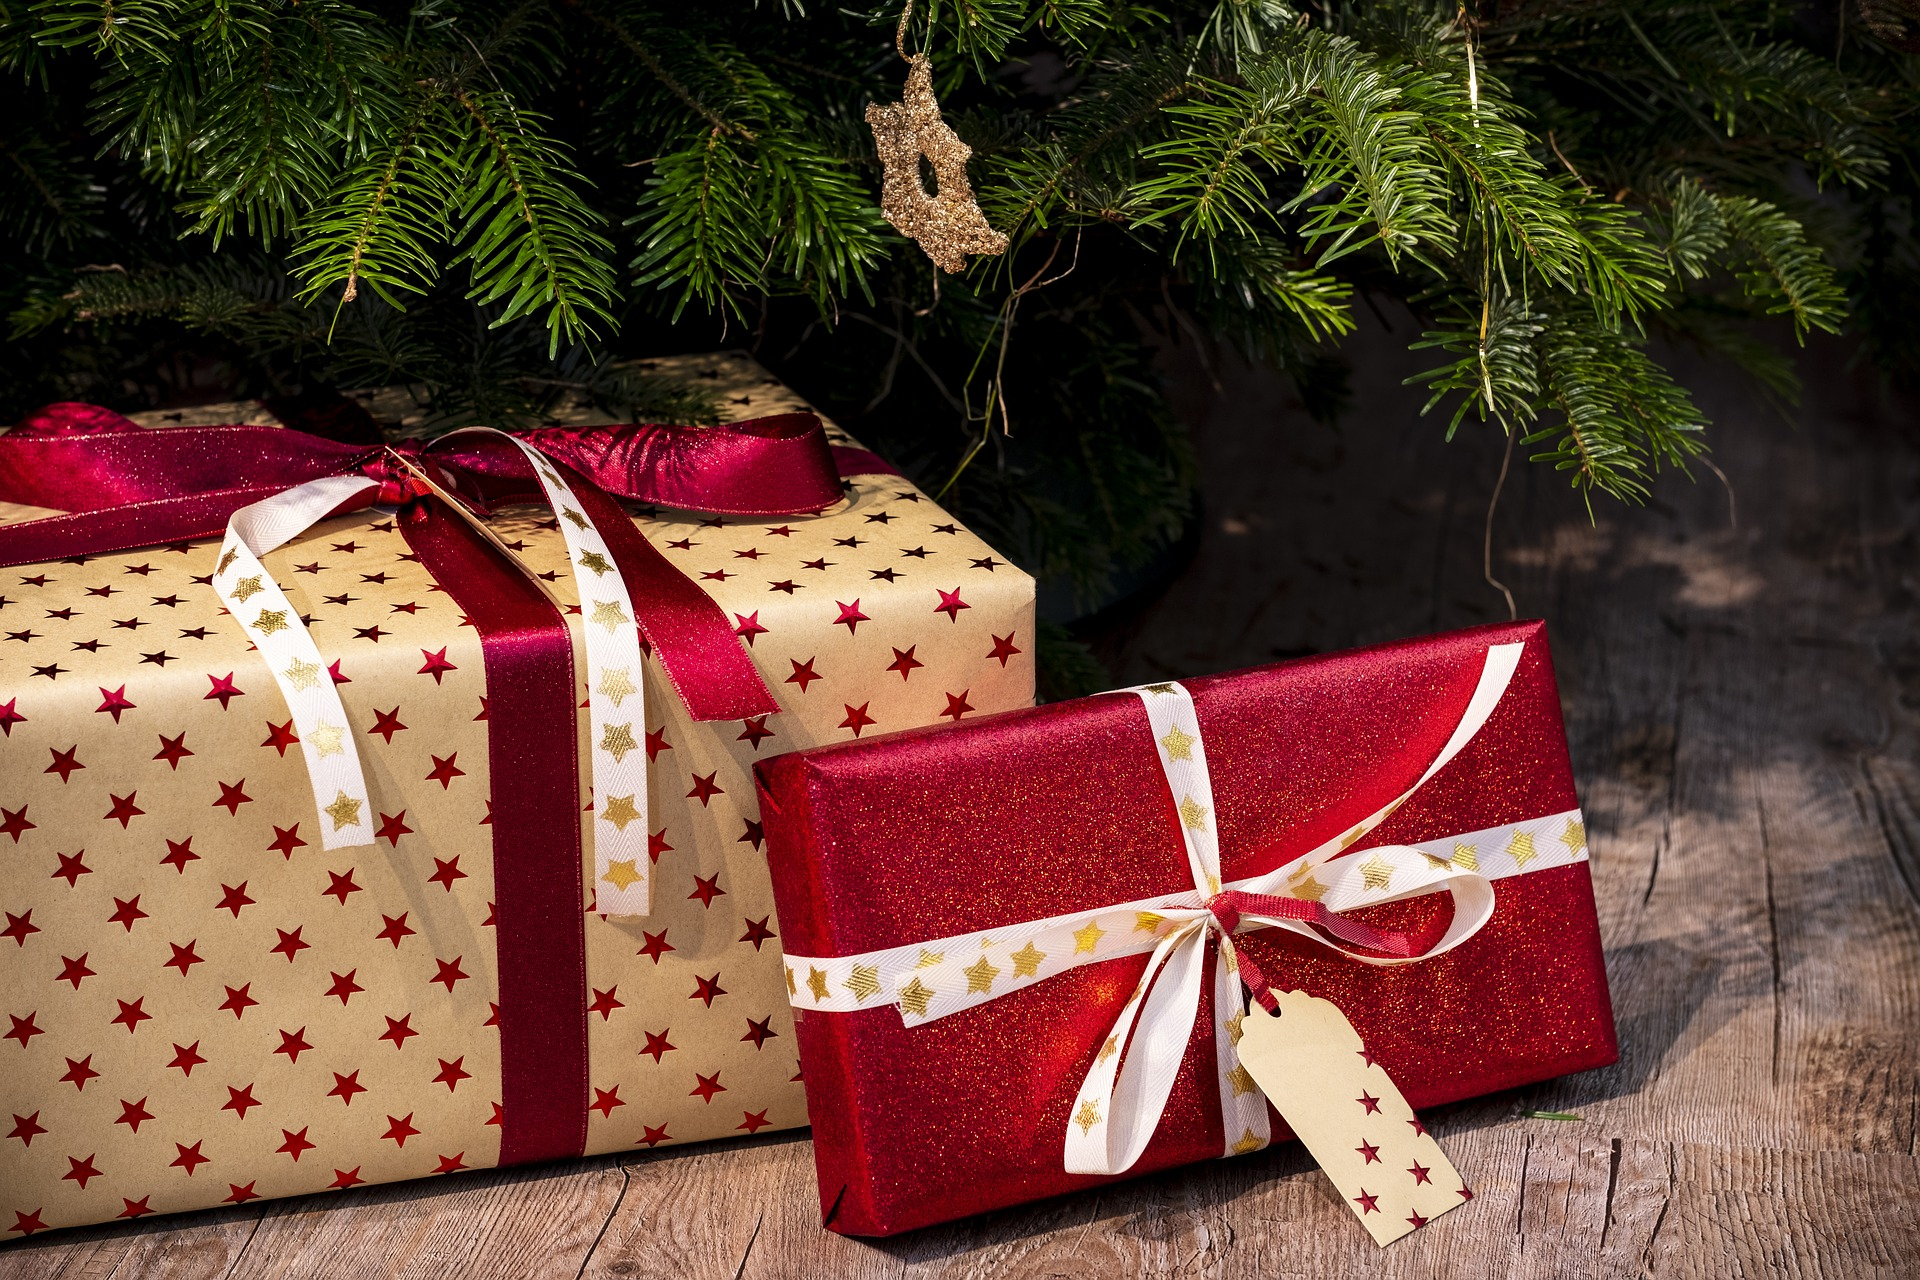 gifts-3835455_1920.jpg